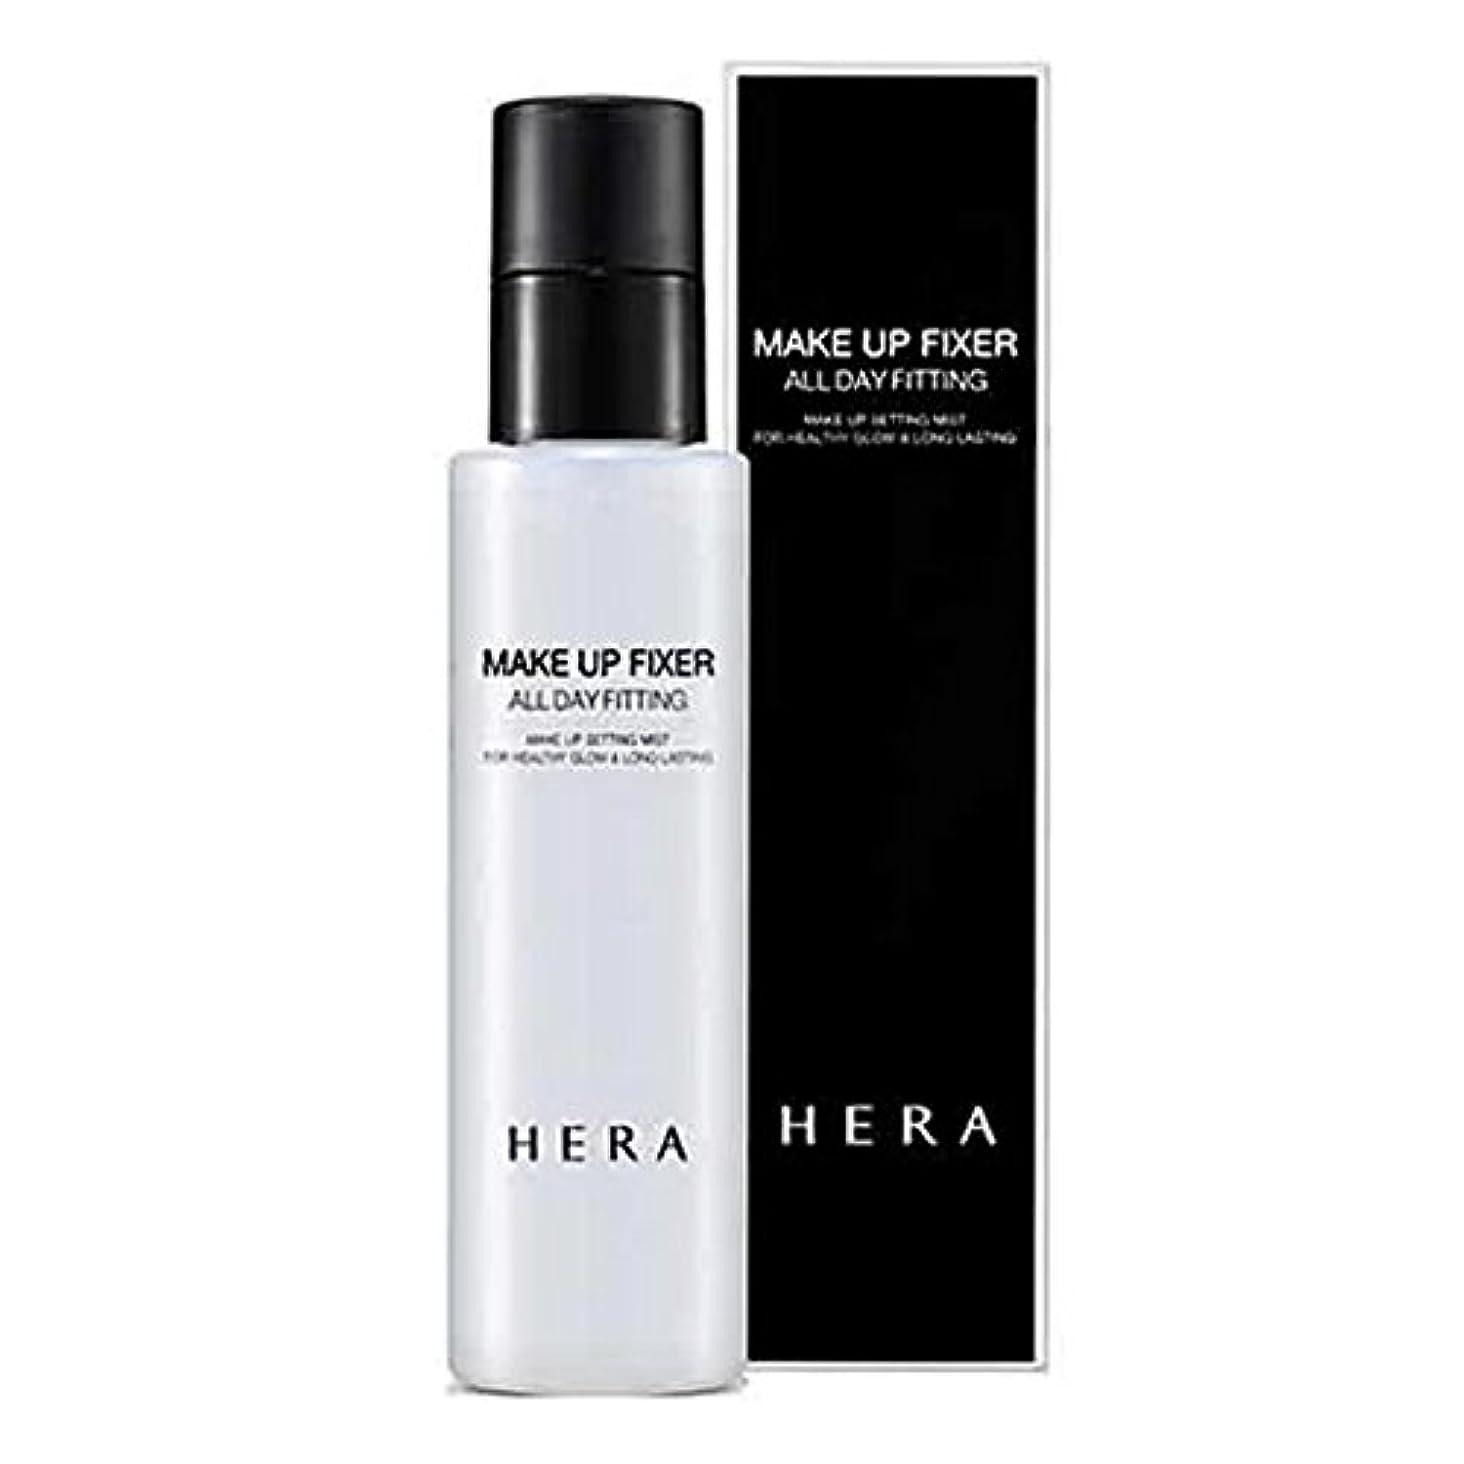 弱めるアサート逮捕Hera Makeup Fixer 110ml K-beauty[並行輸入品]